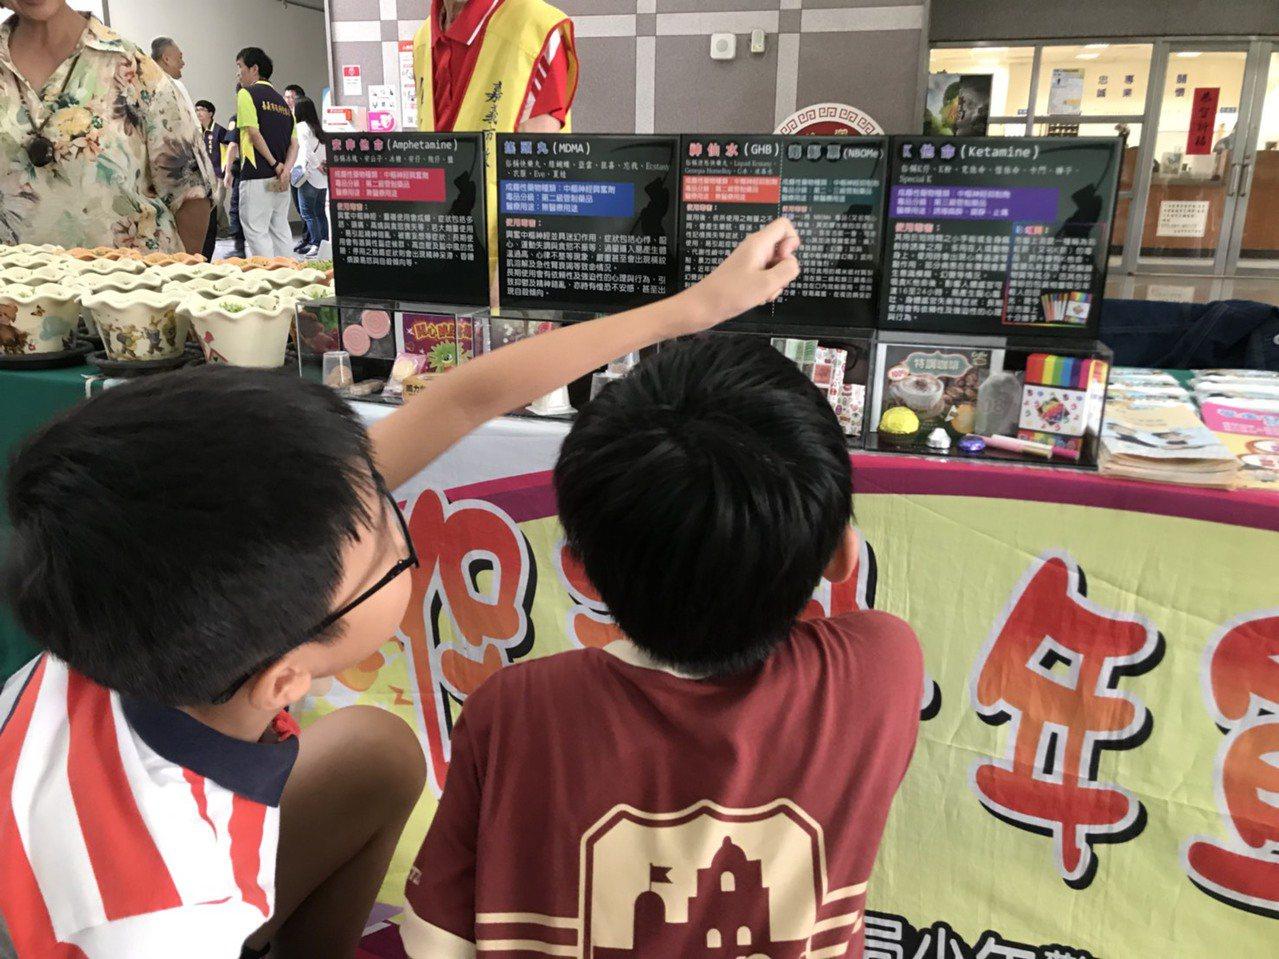 嘉義市警察局為預防青少年在暑期涉及不當場所或流連網咖衍生偏差行為,從上月起舉辦營...